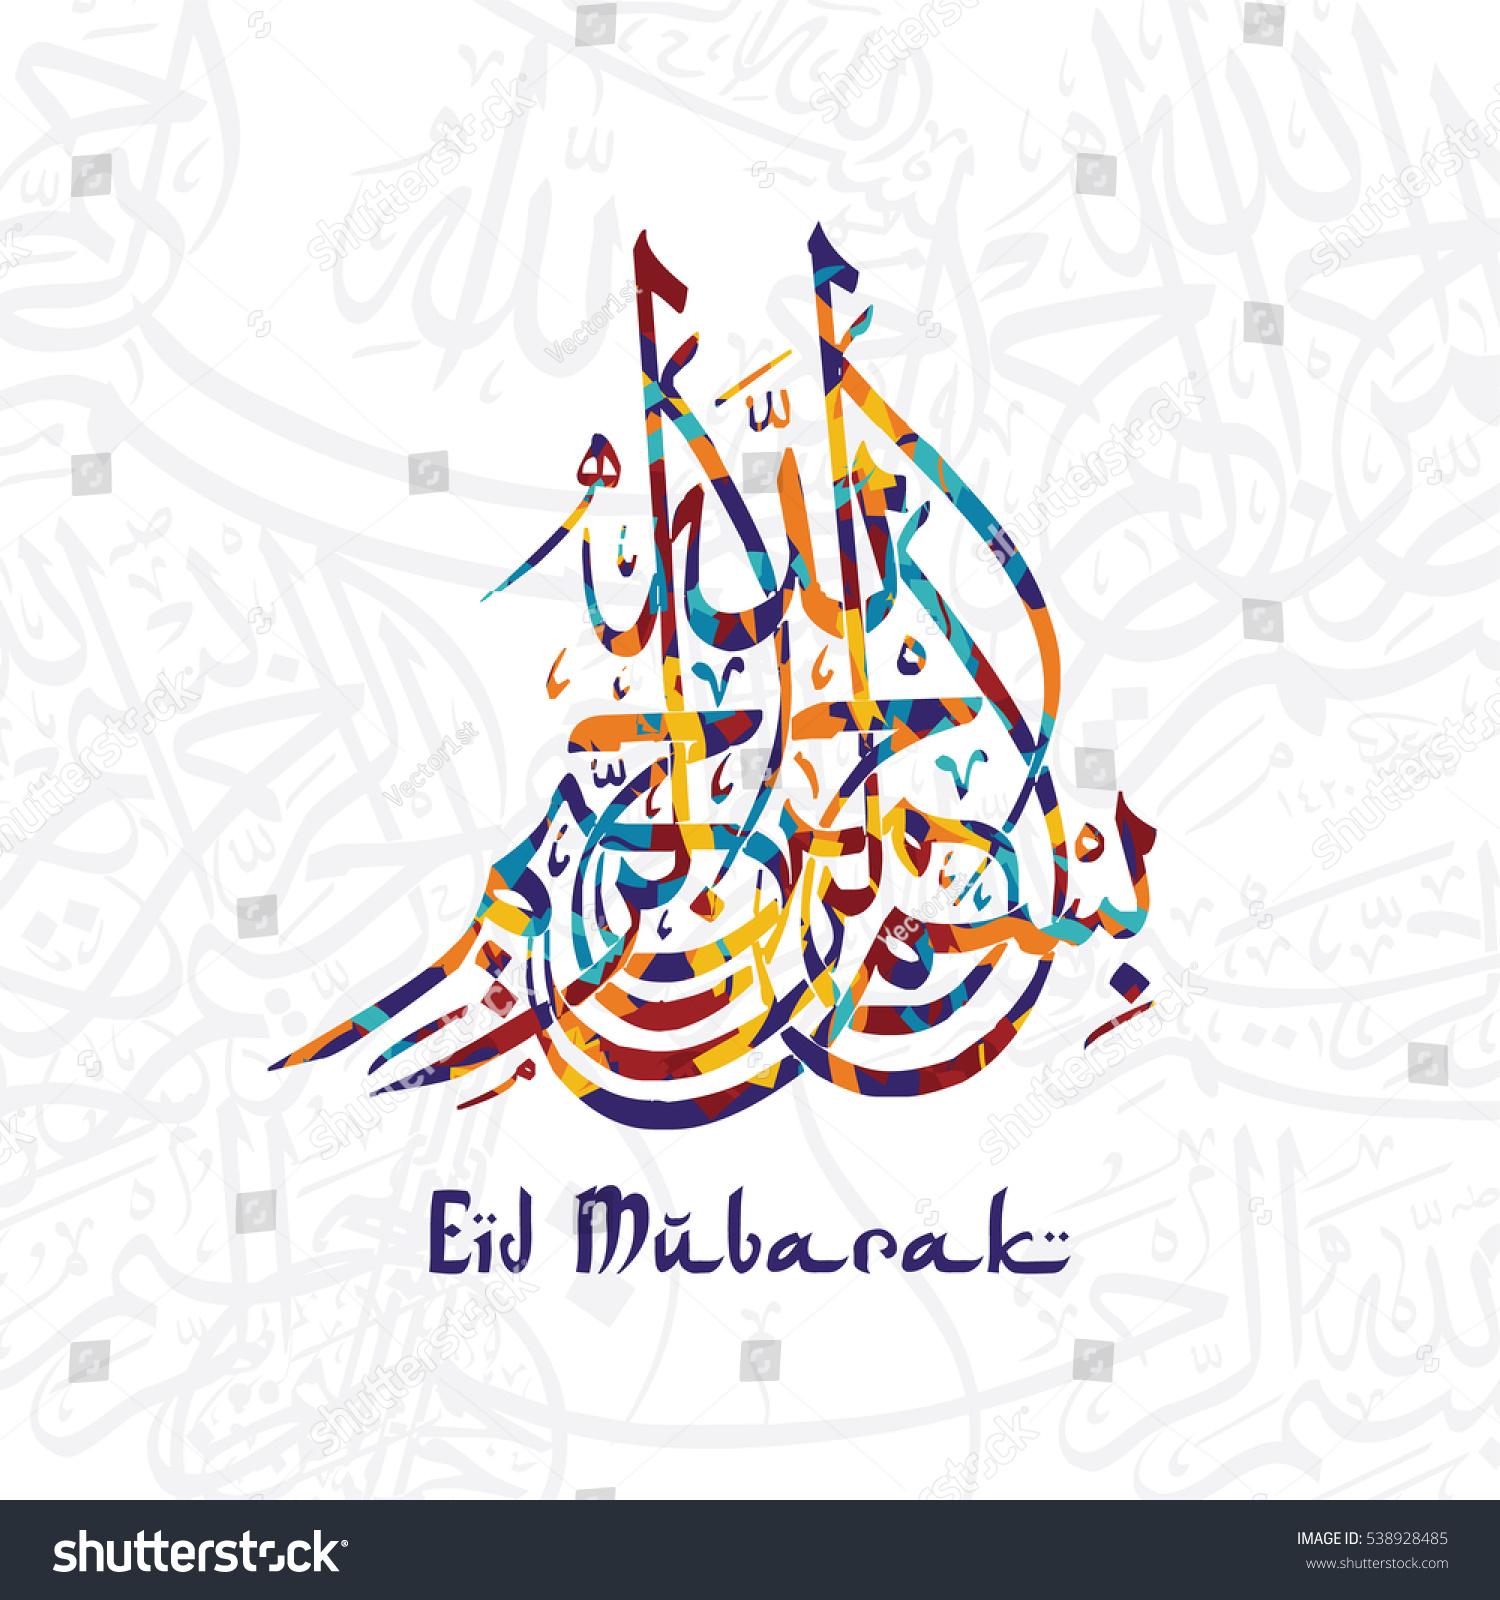 Happy eid mubarak greetings arabic calligraphy stock illustration happy eid mubarak greetings arabic calligraphy art kristyandbryce Image collections